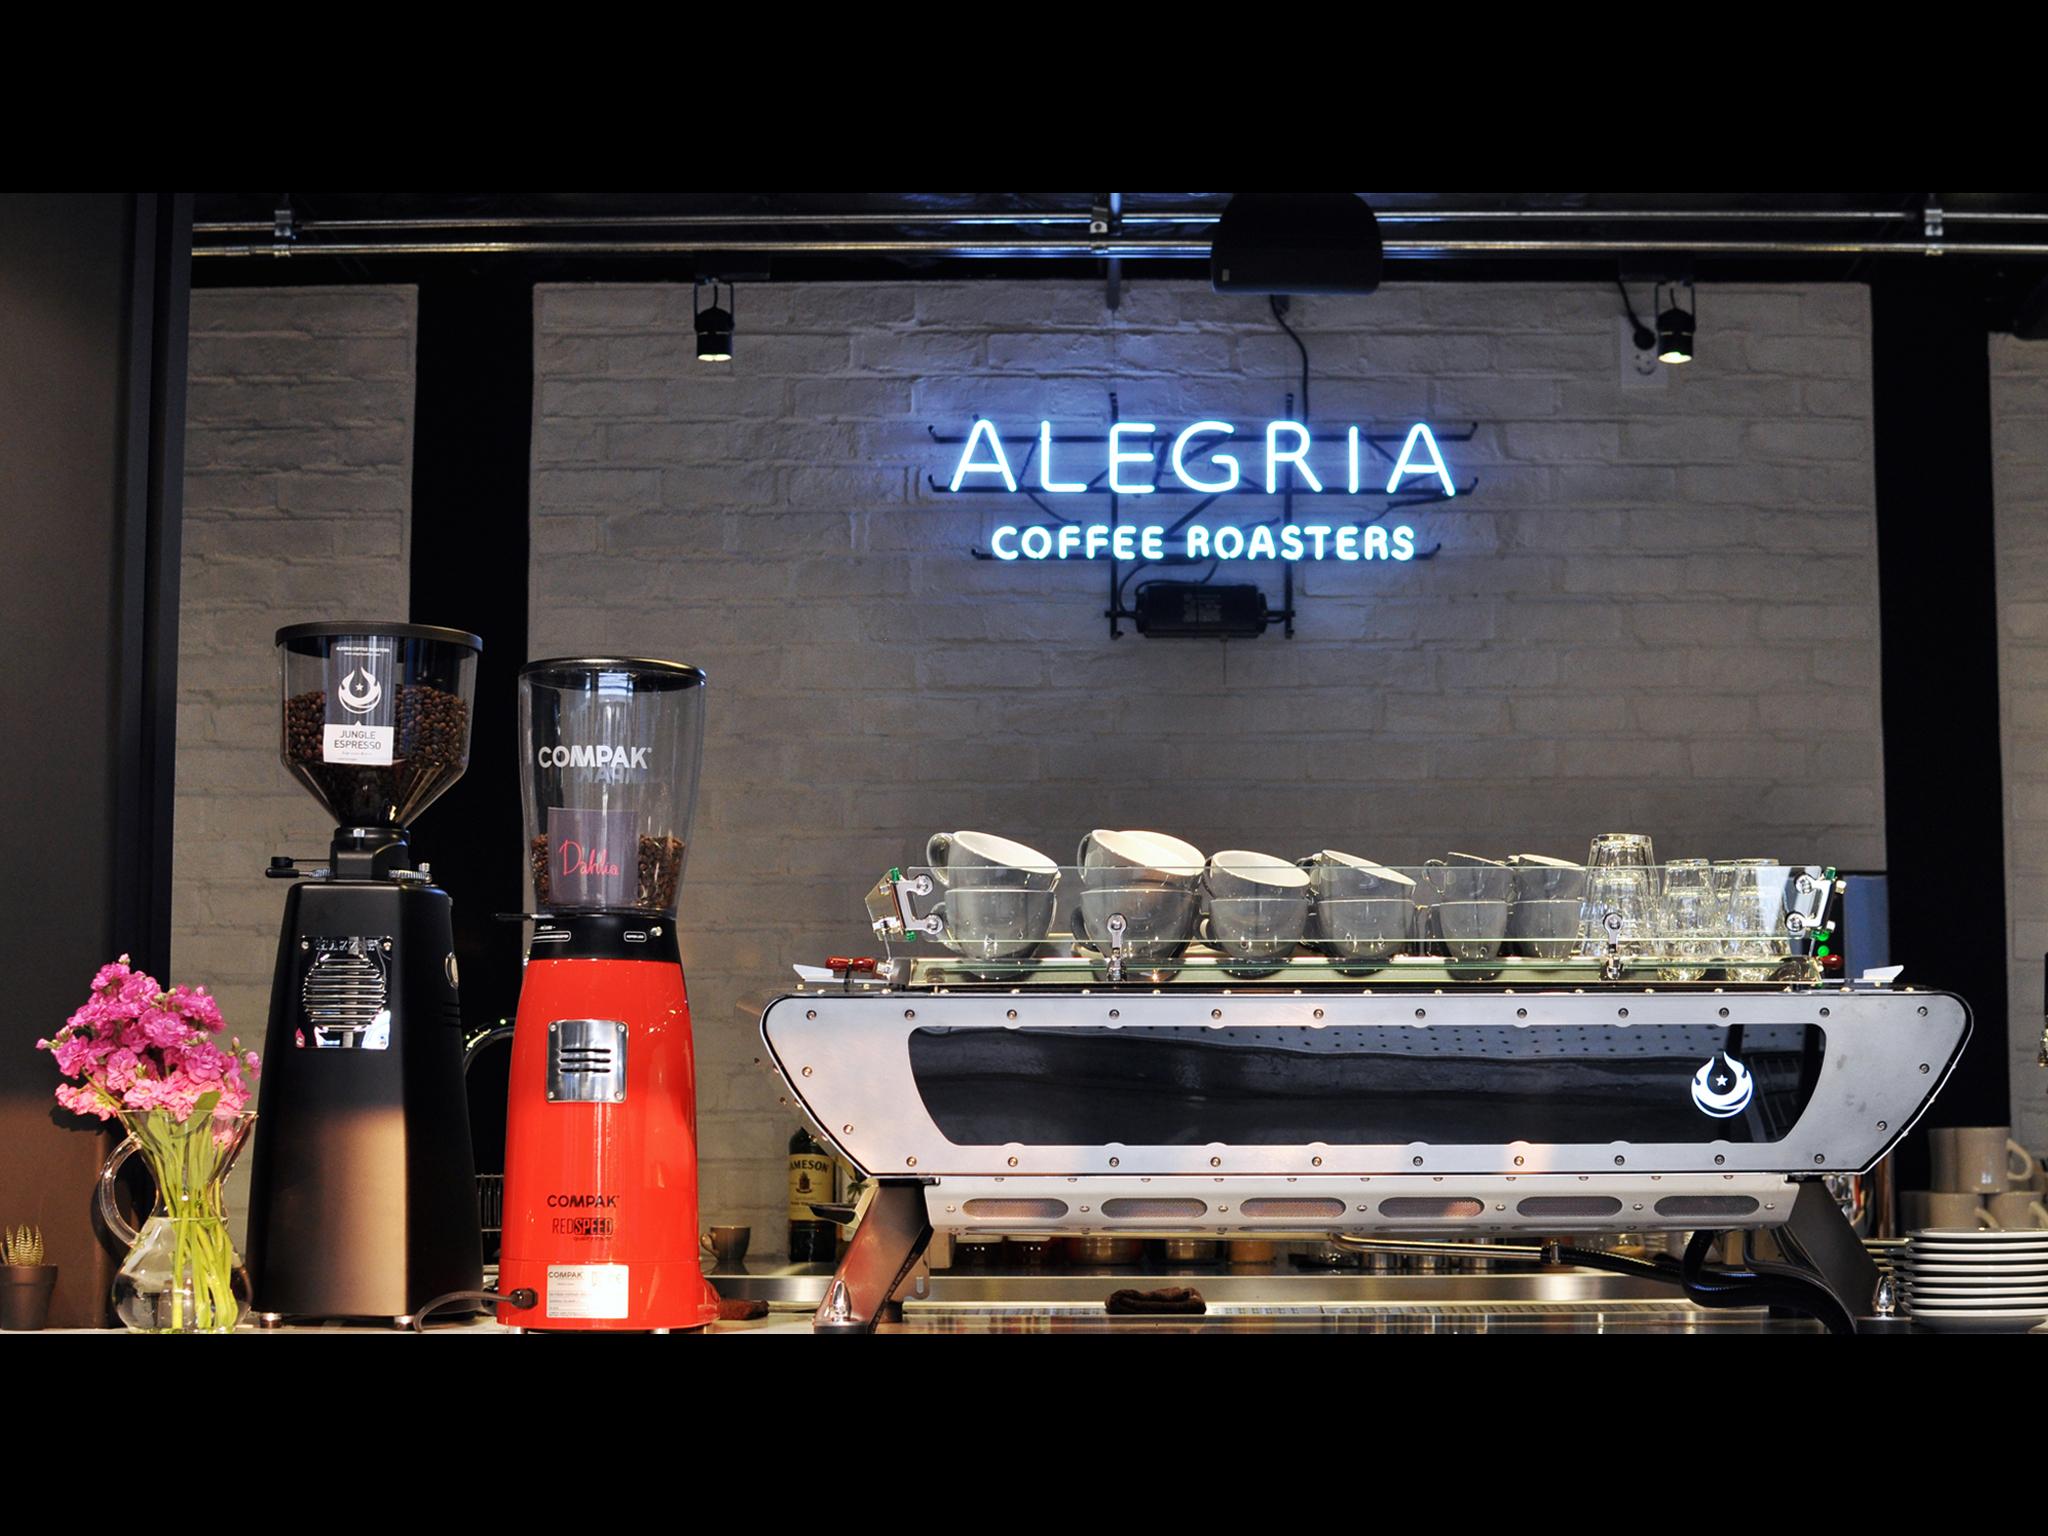 알레그리아 커피로스터스